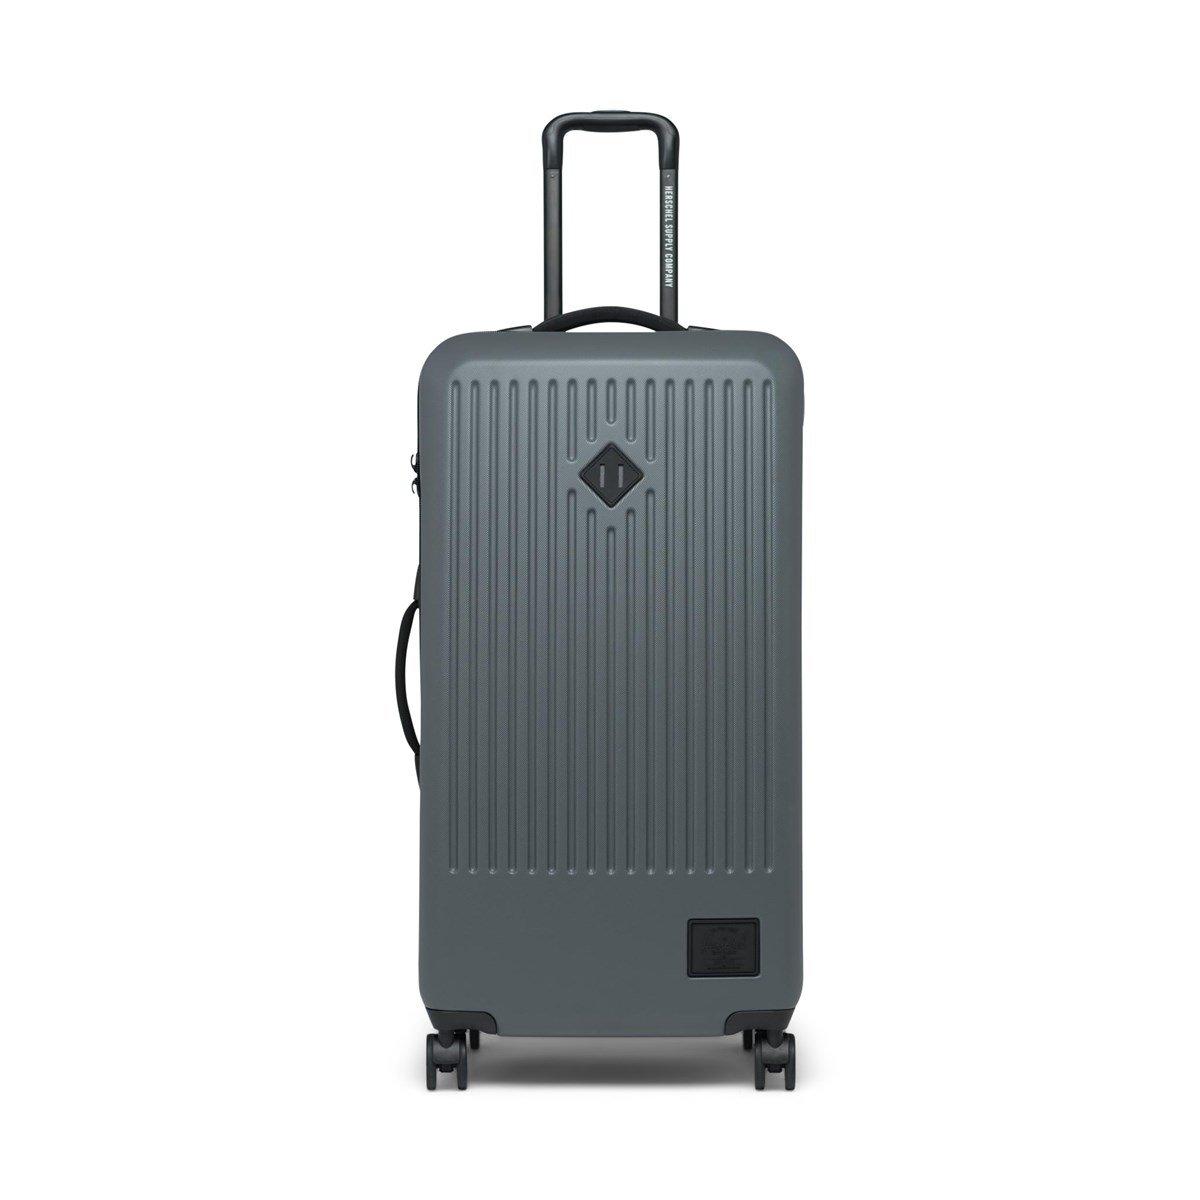 Grande valise Trade grise